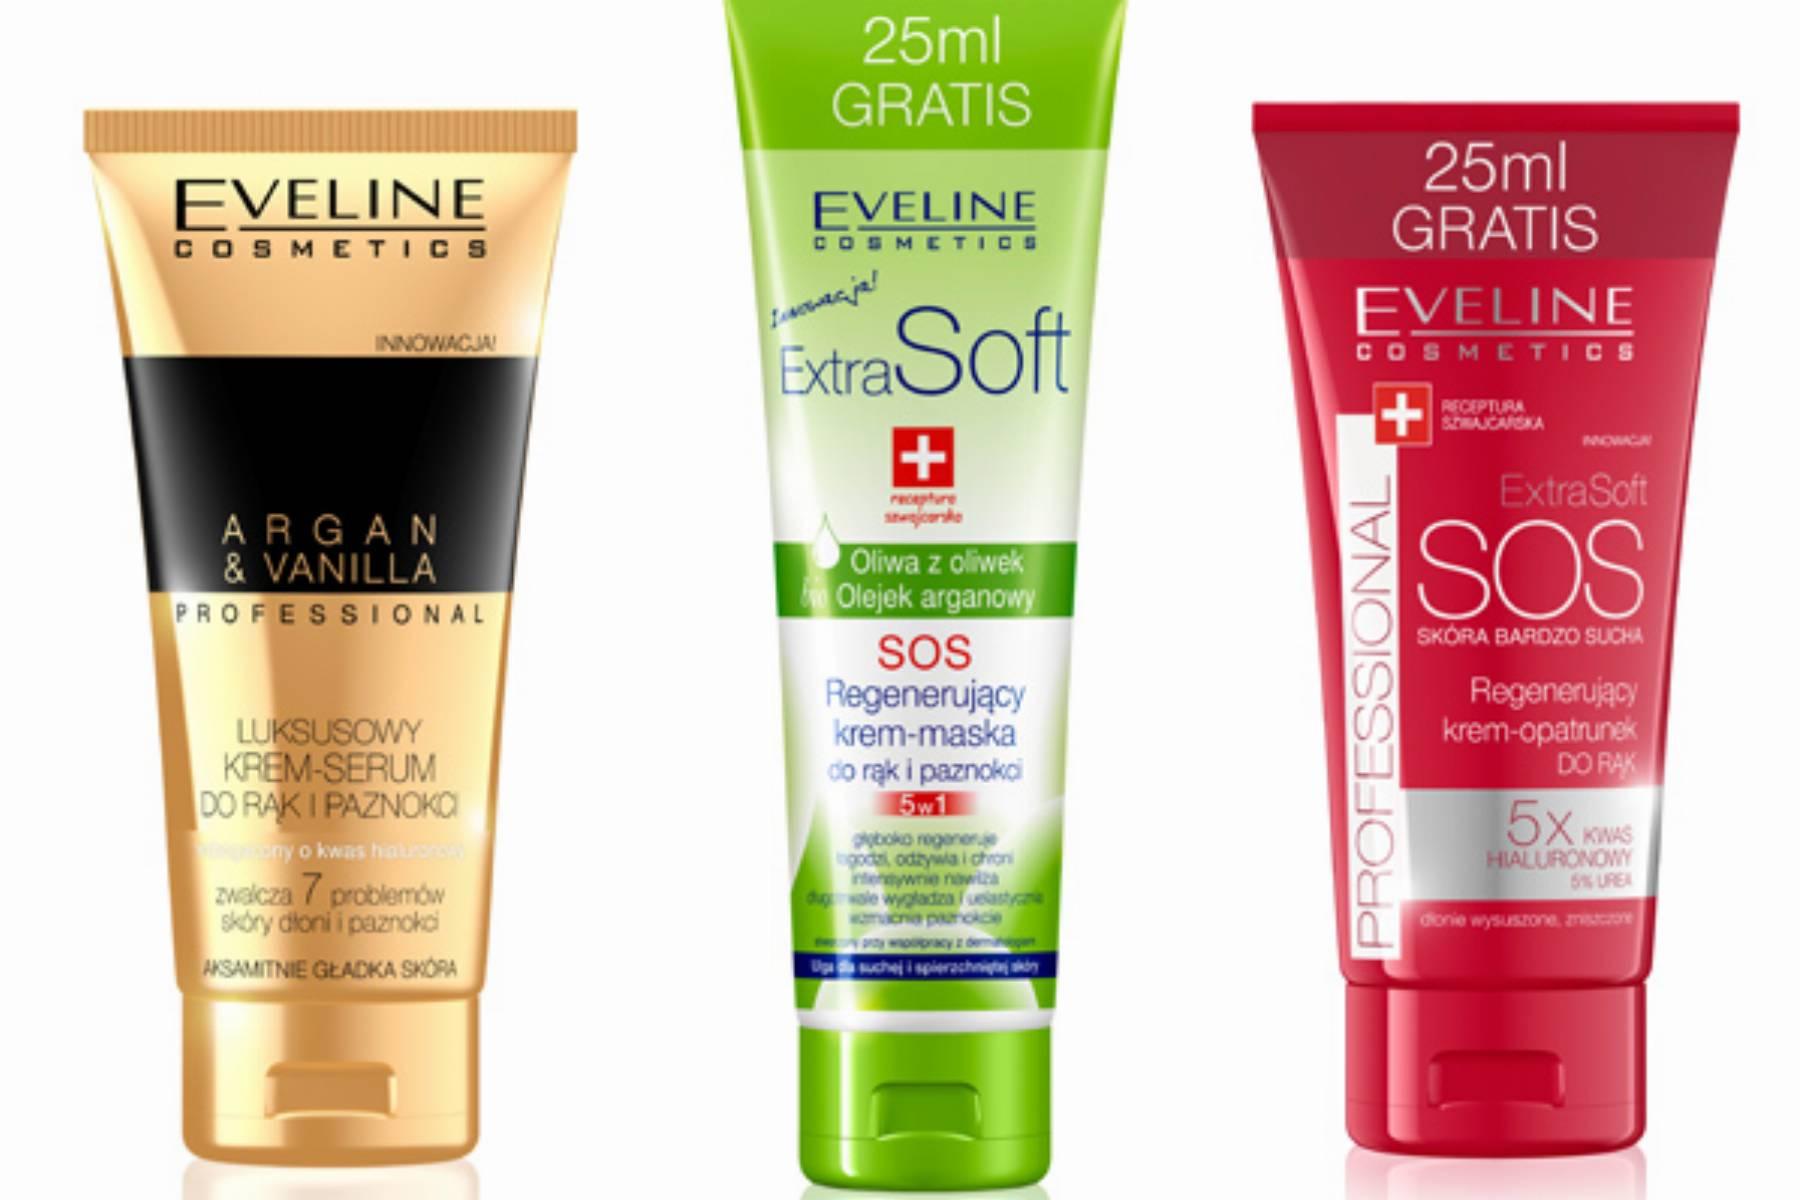 eveline-cosmetics-kremy-do-rak